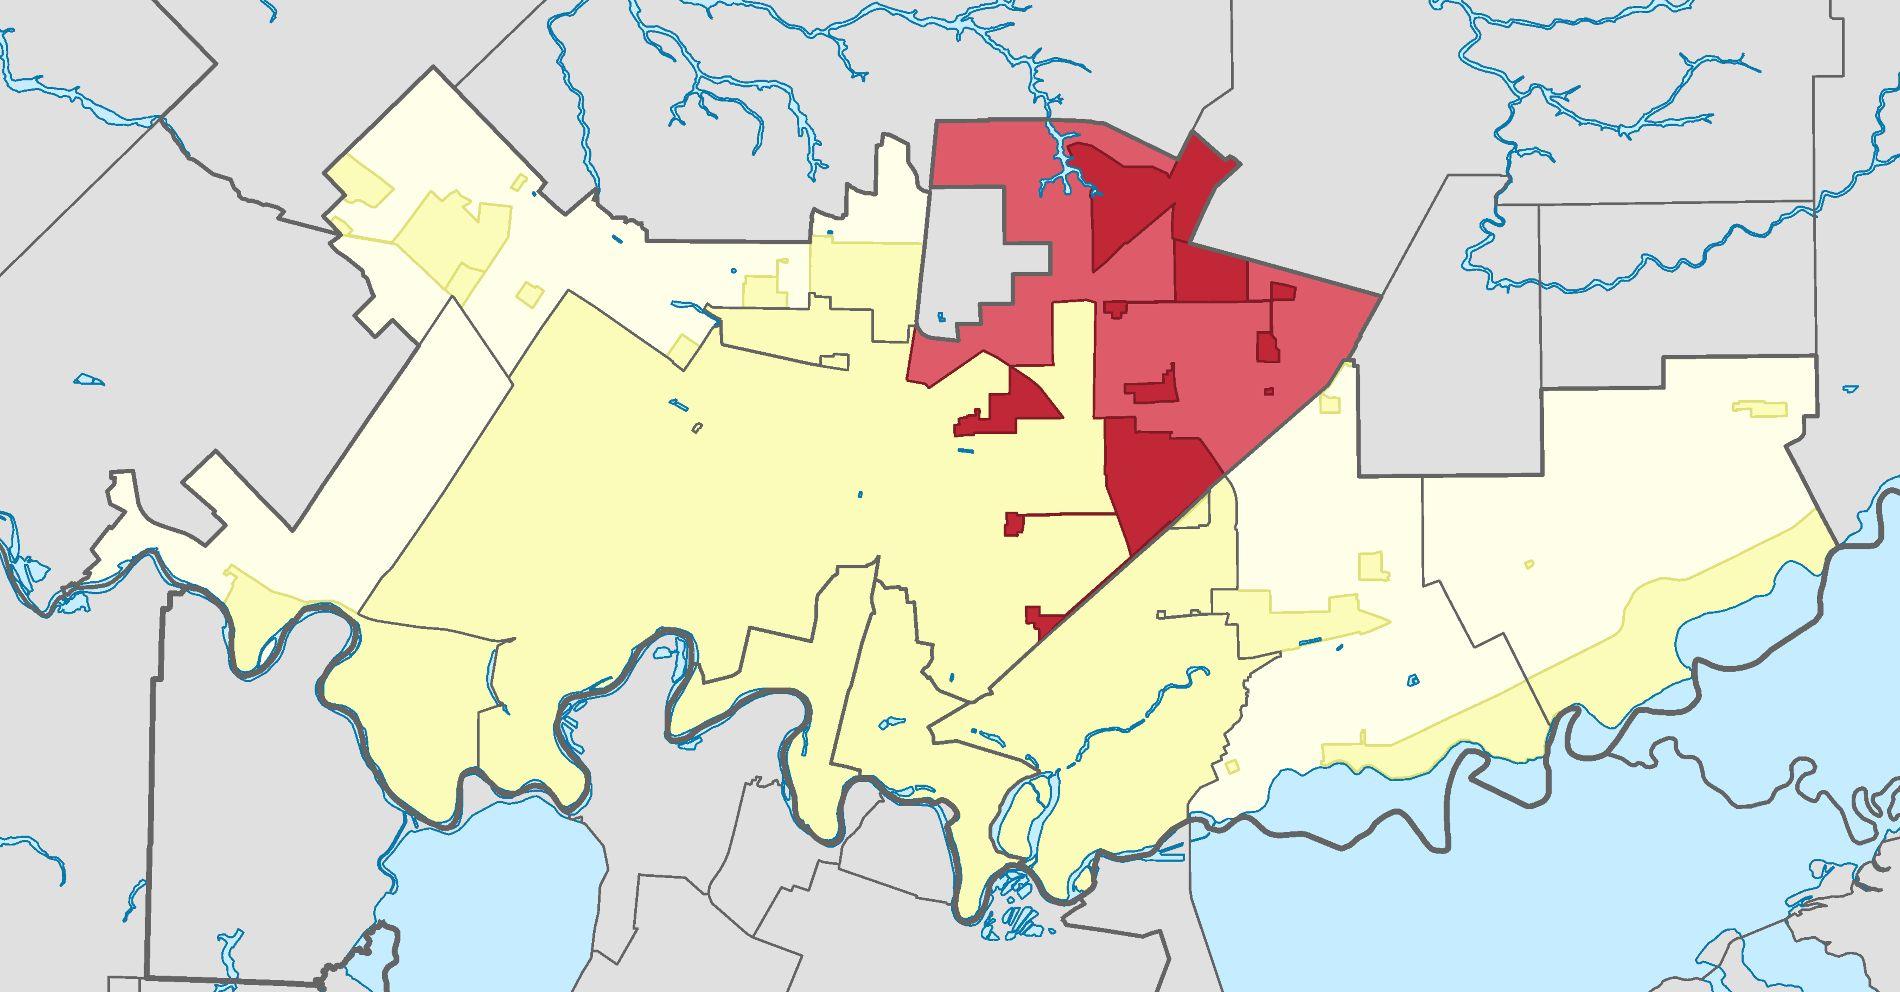 Калилинский сельский округ (выделен красным цветом) ©Изображение сайта Википедия